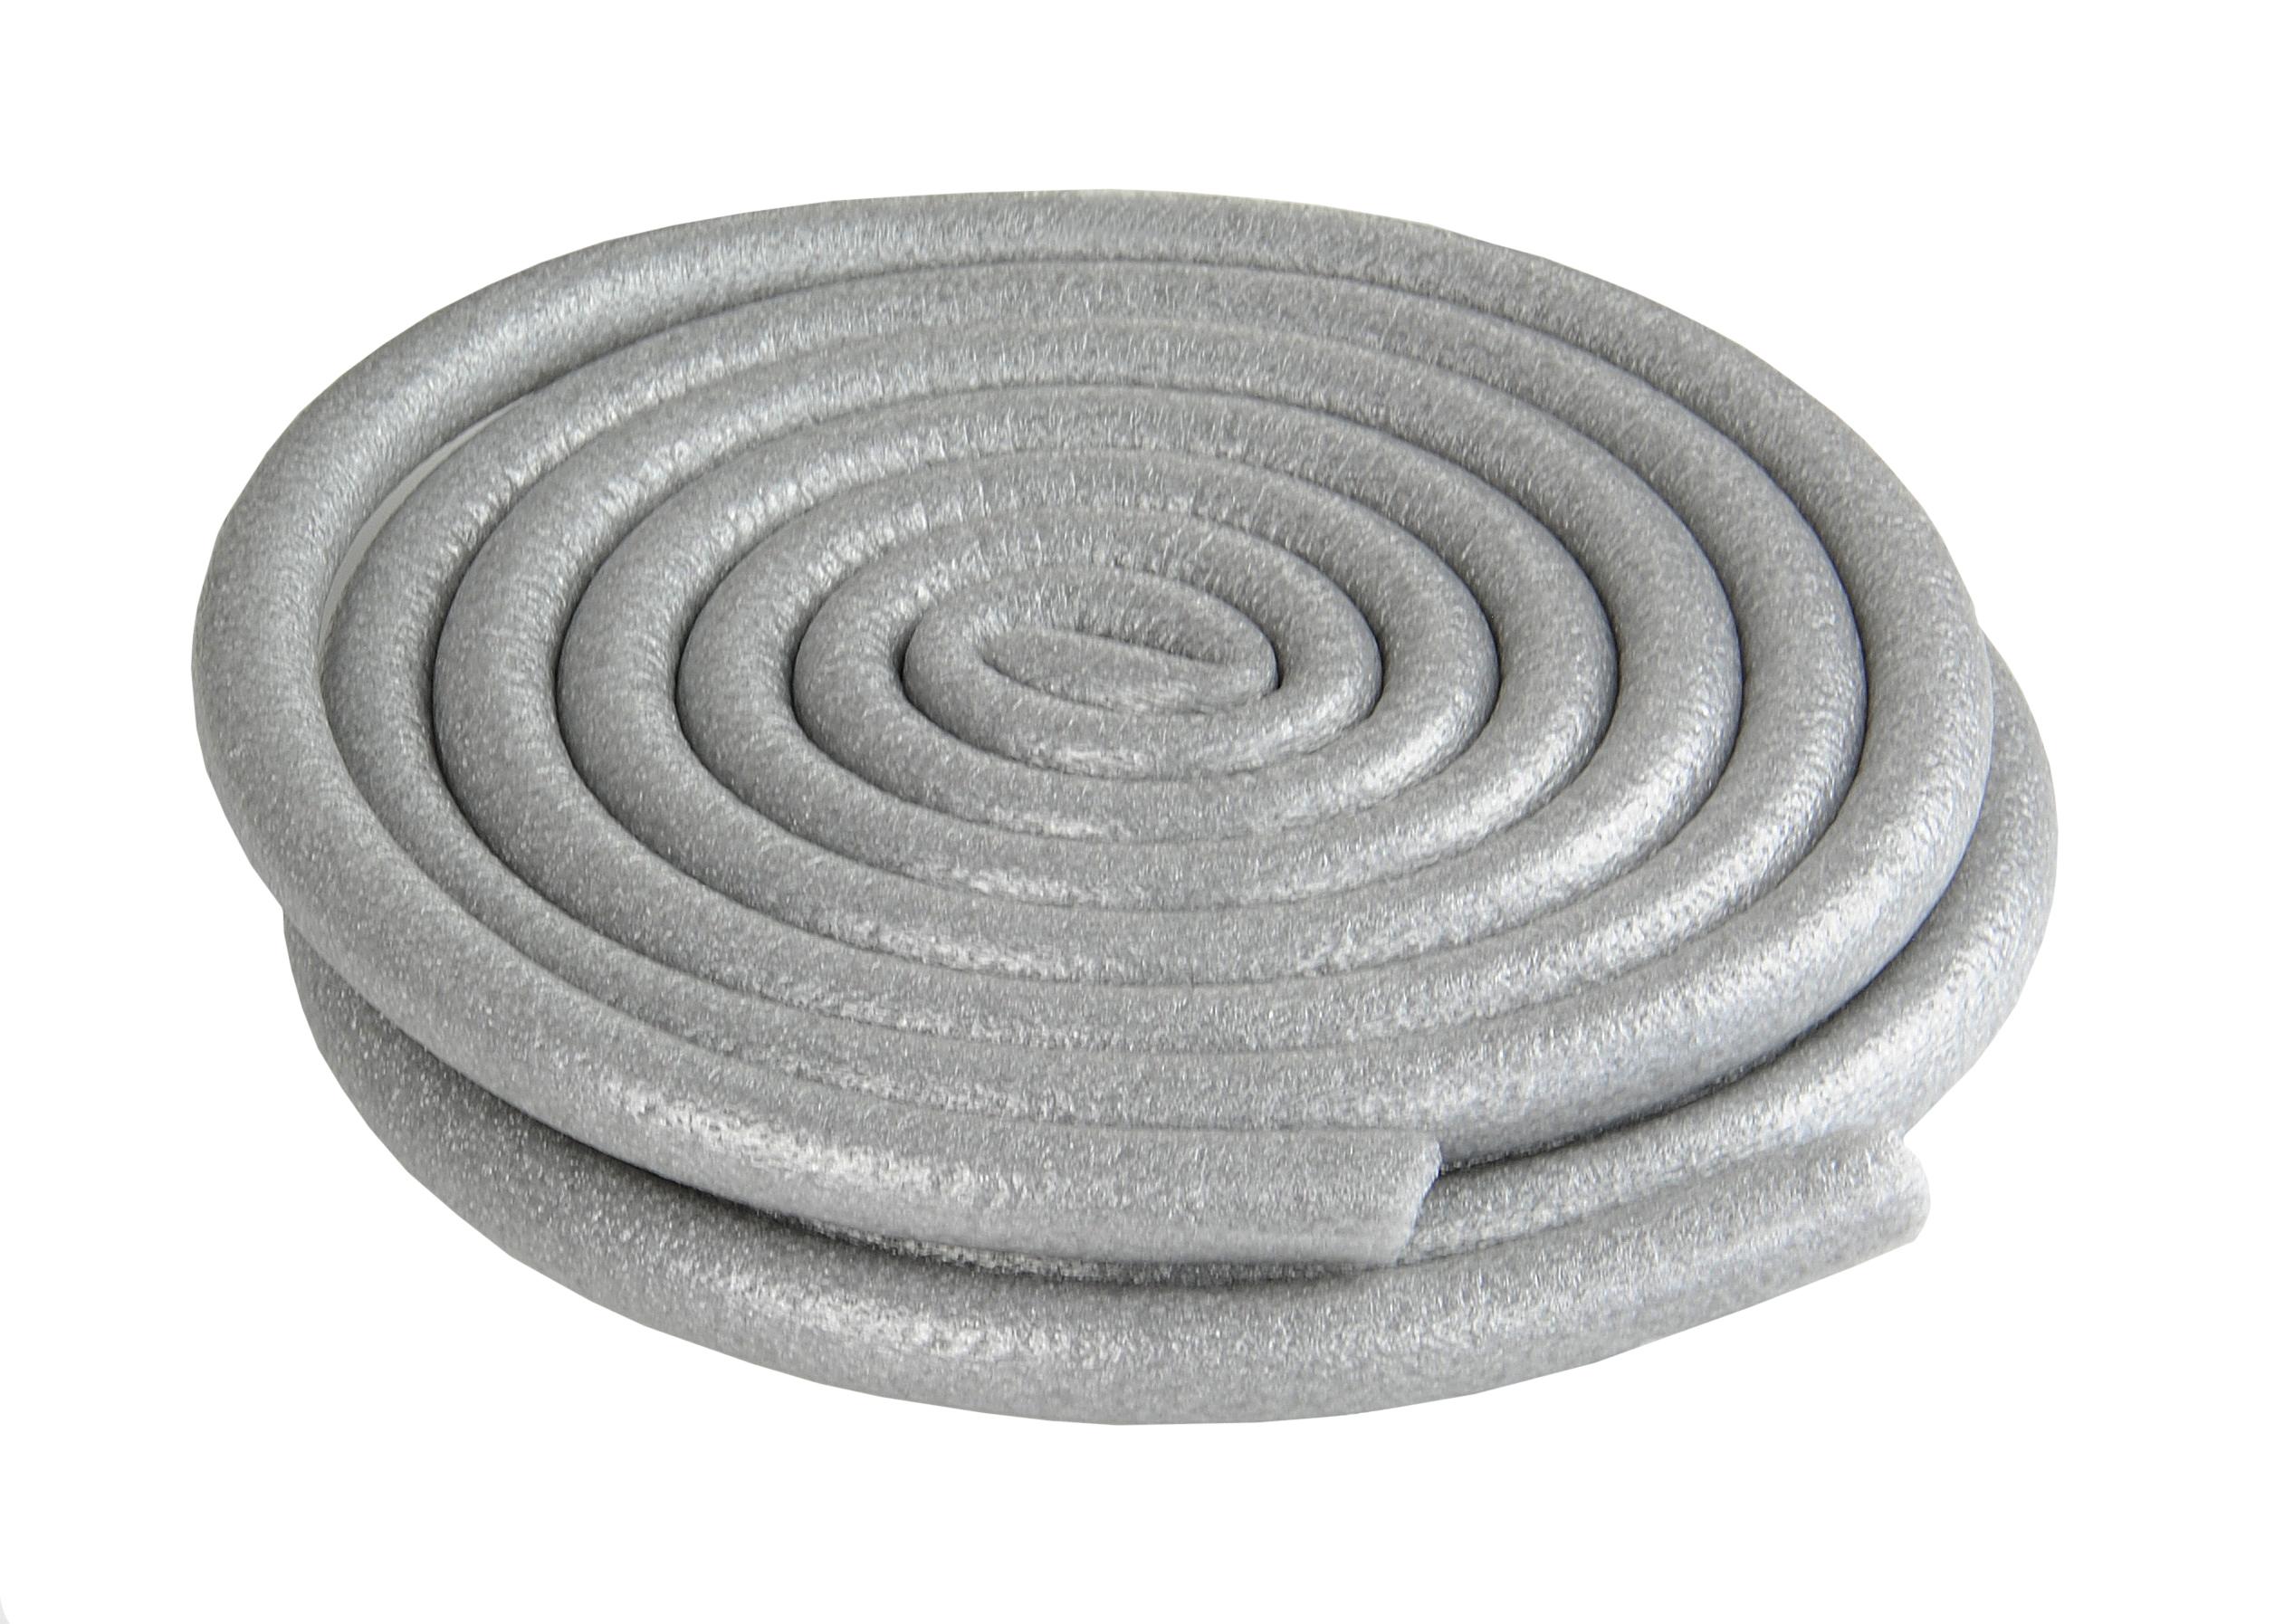 Kovalex Schaumstoffdehnunsprofil - Durchmesser: 15 mm, Länge: 2 x 2.500 mm - Zur Verwendung in den Abschlussprofilen